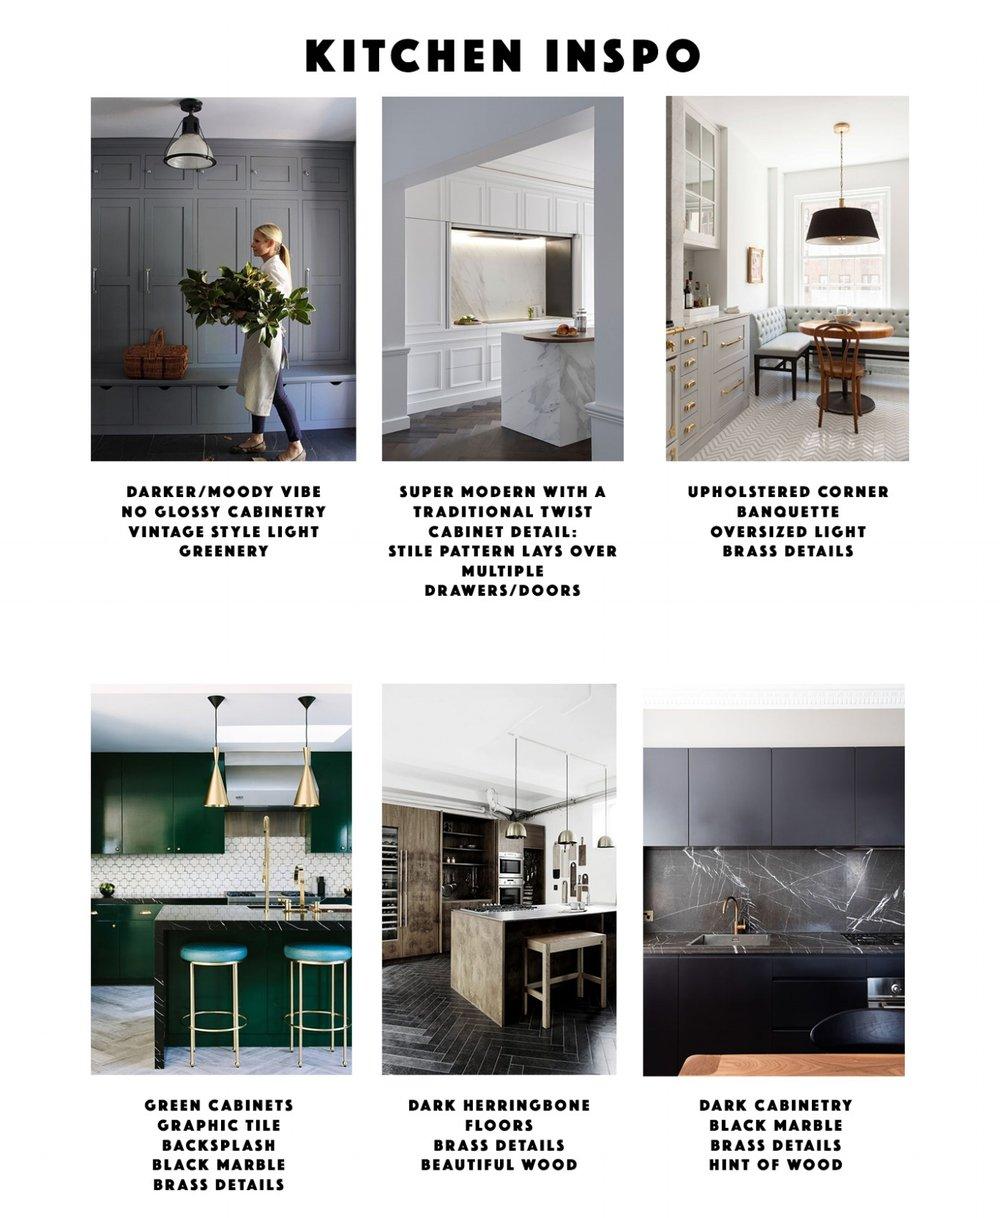 kitchen inspo.jpg